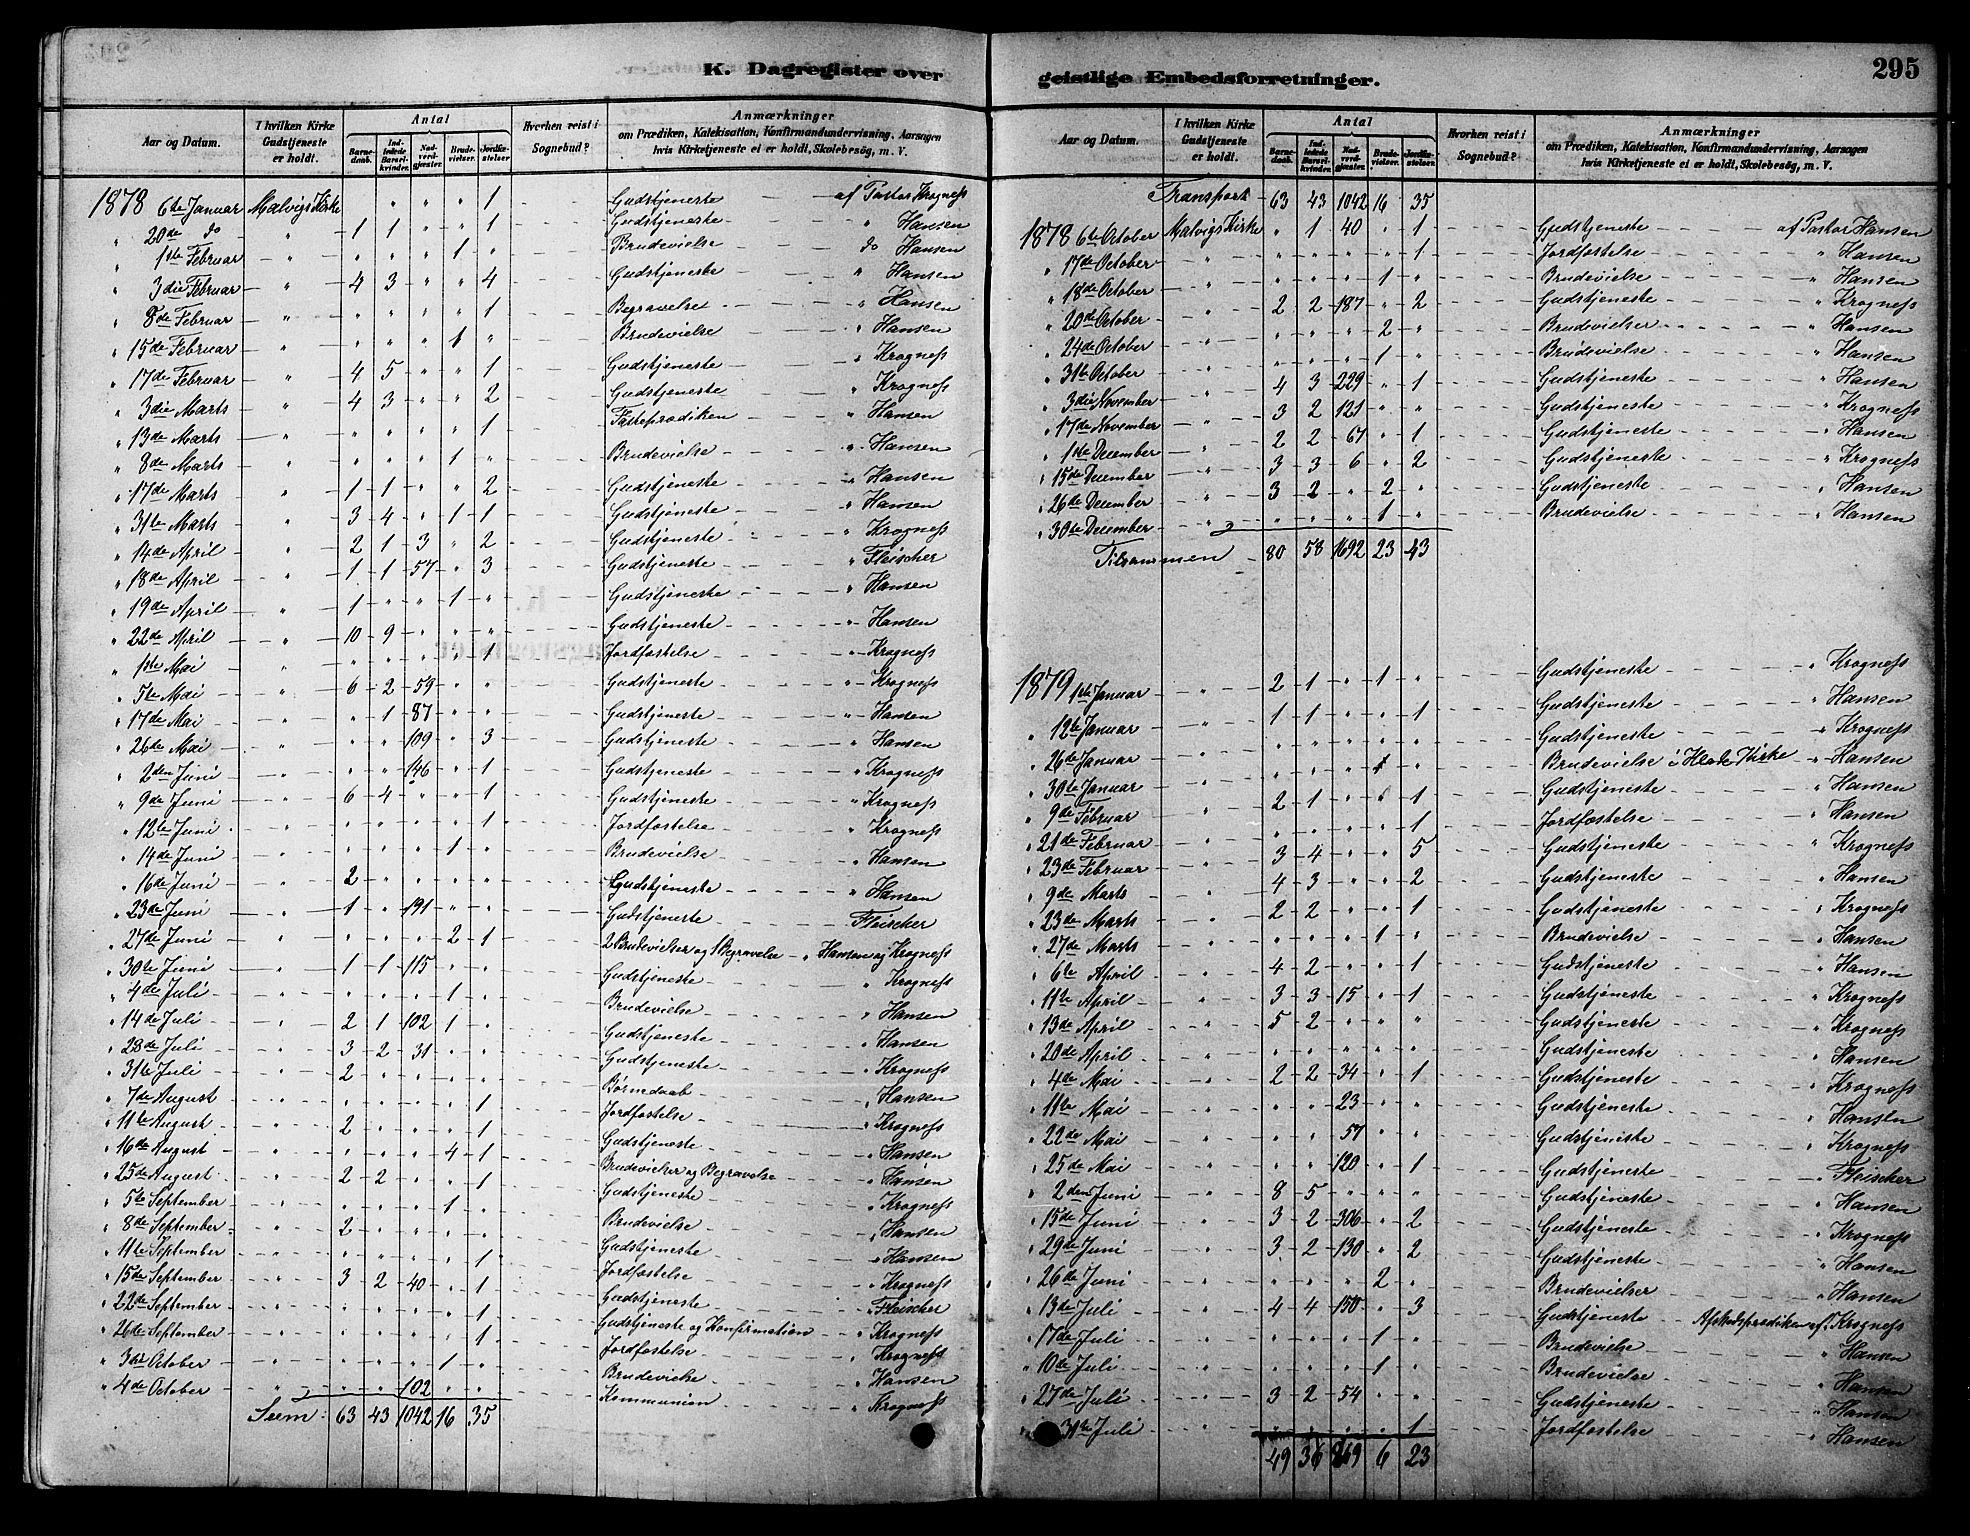 SAT, Ministerialprotokoller, klokkerbøker og fødselsregistre - Sør-Trøndelag, 616/L0423: Klokkerbok nr. 616C06, 1878-1903, s. 295